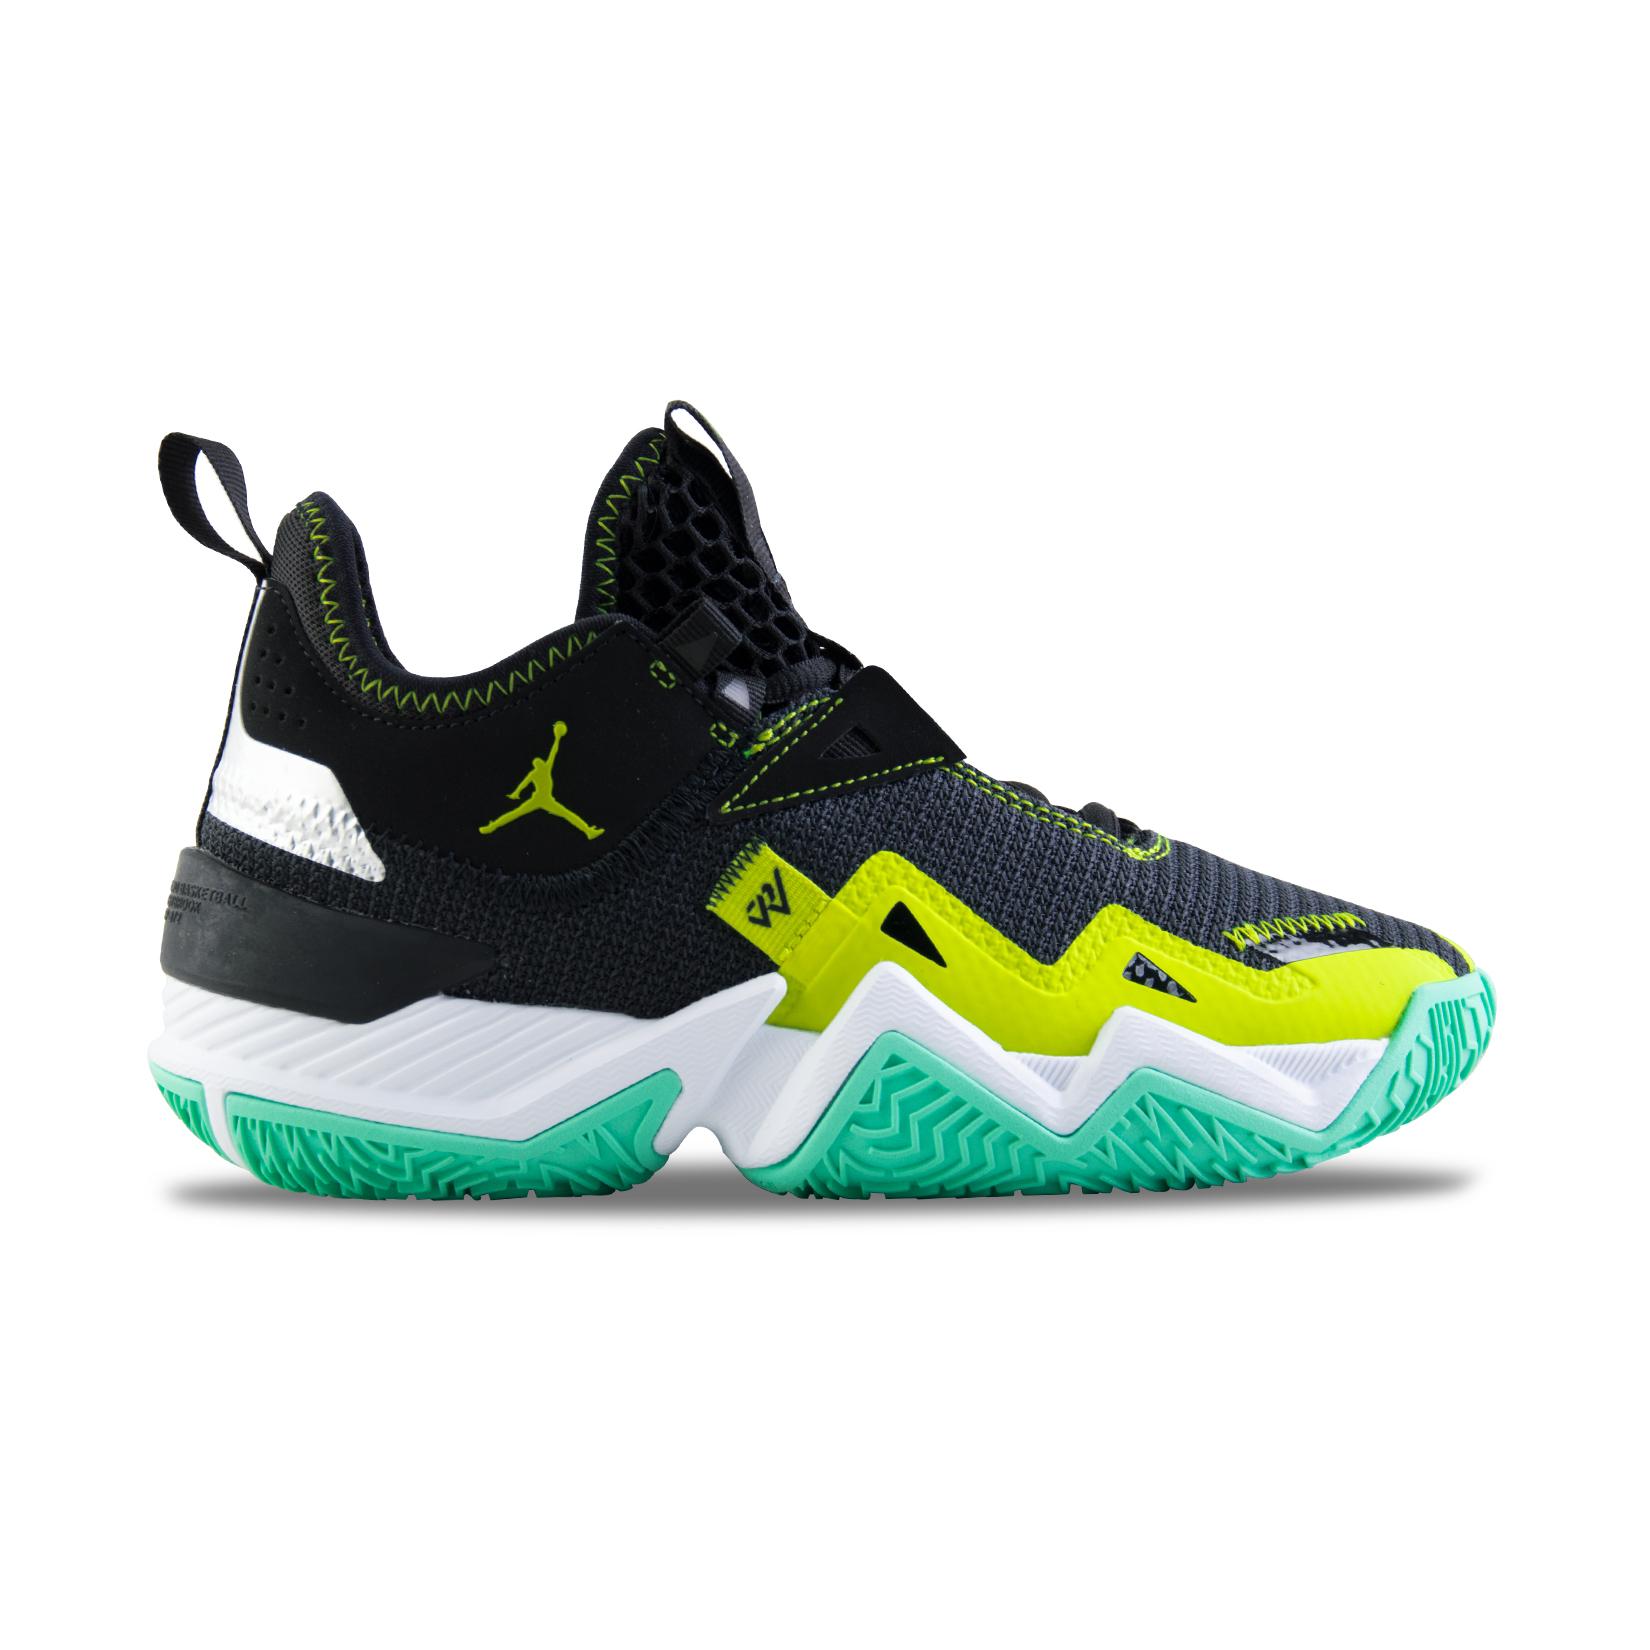 Jordan Westbrook One Take Gs Black - Green